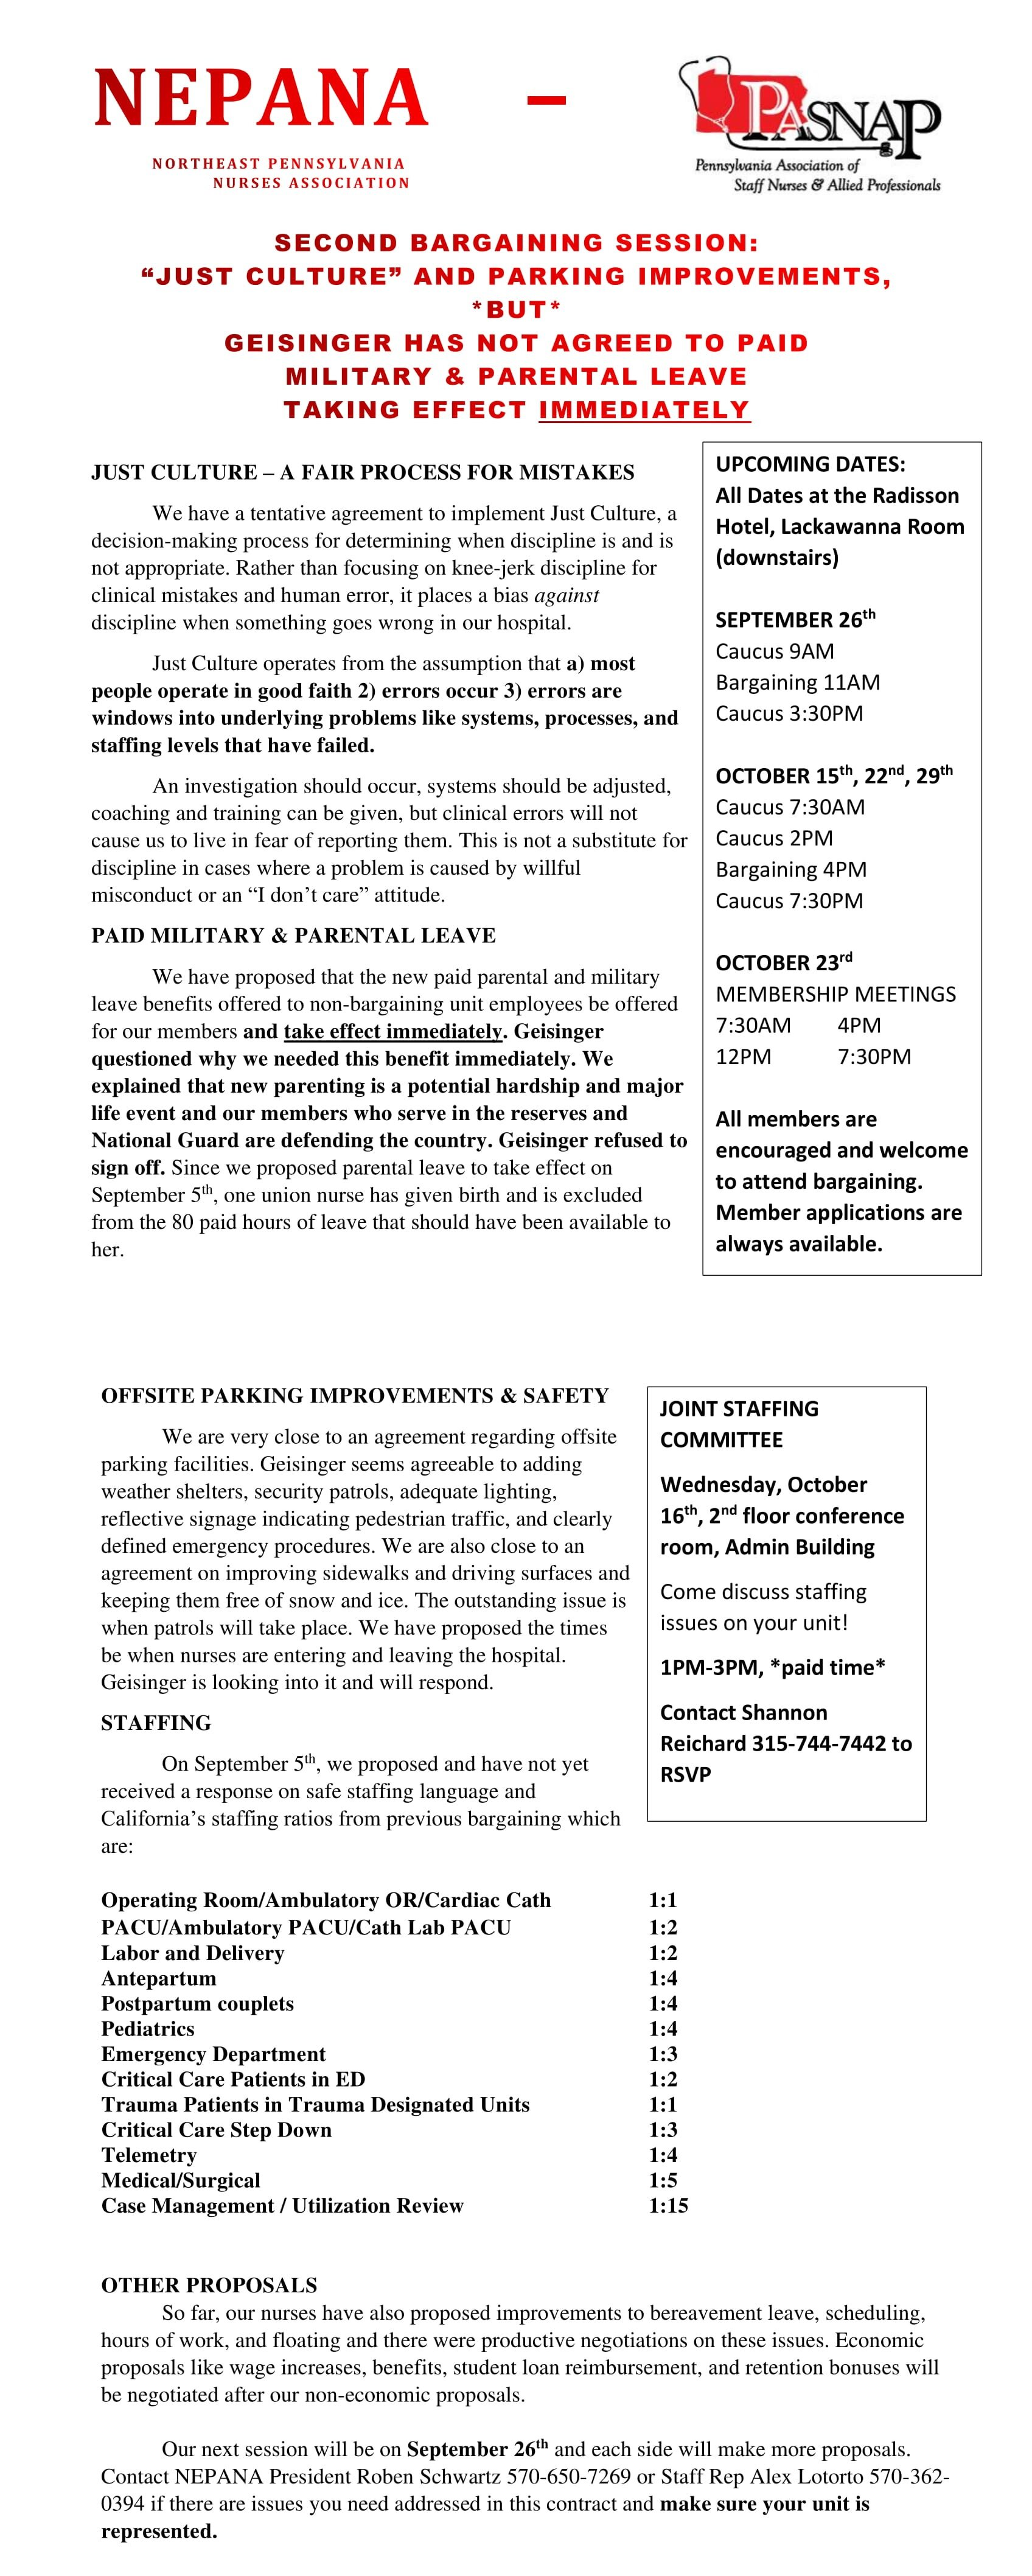 NEPANA BARGAINING UPDATE #2 9-15-19.jpg